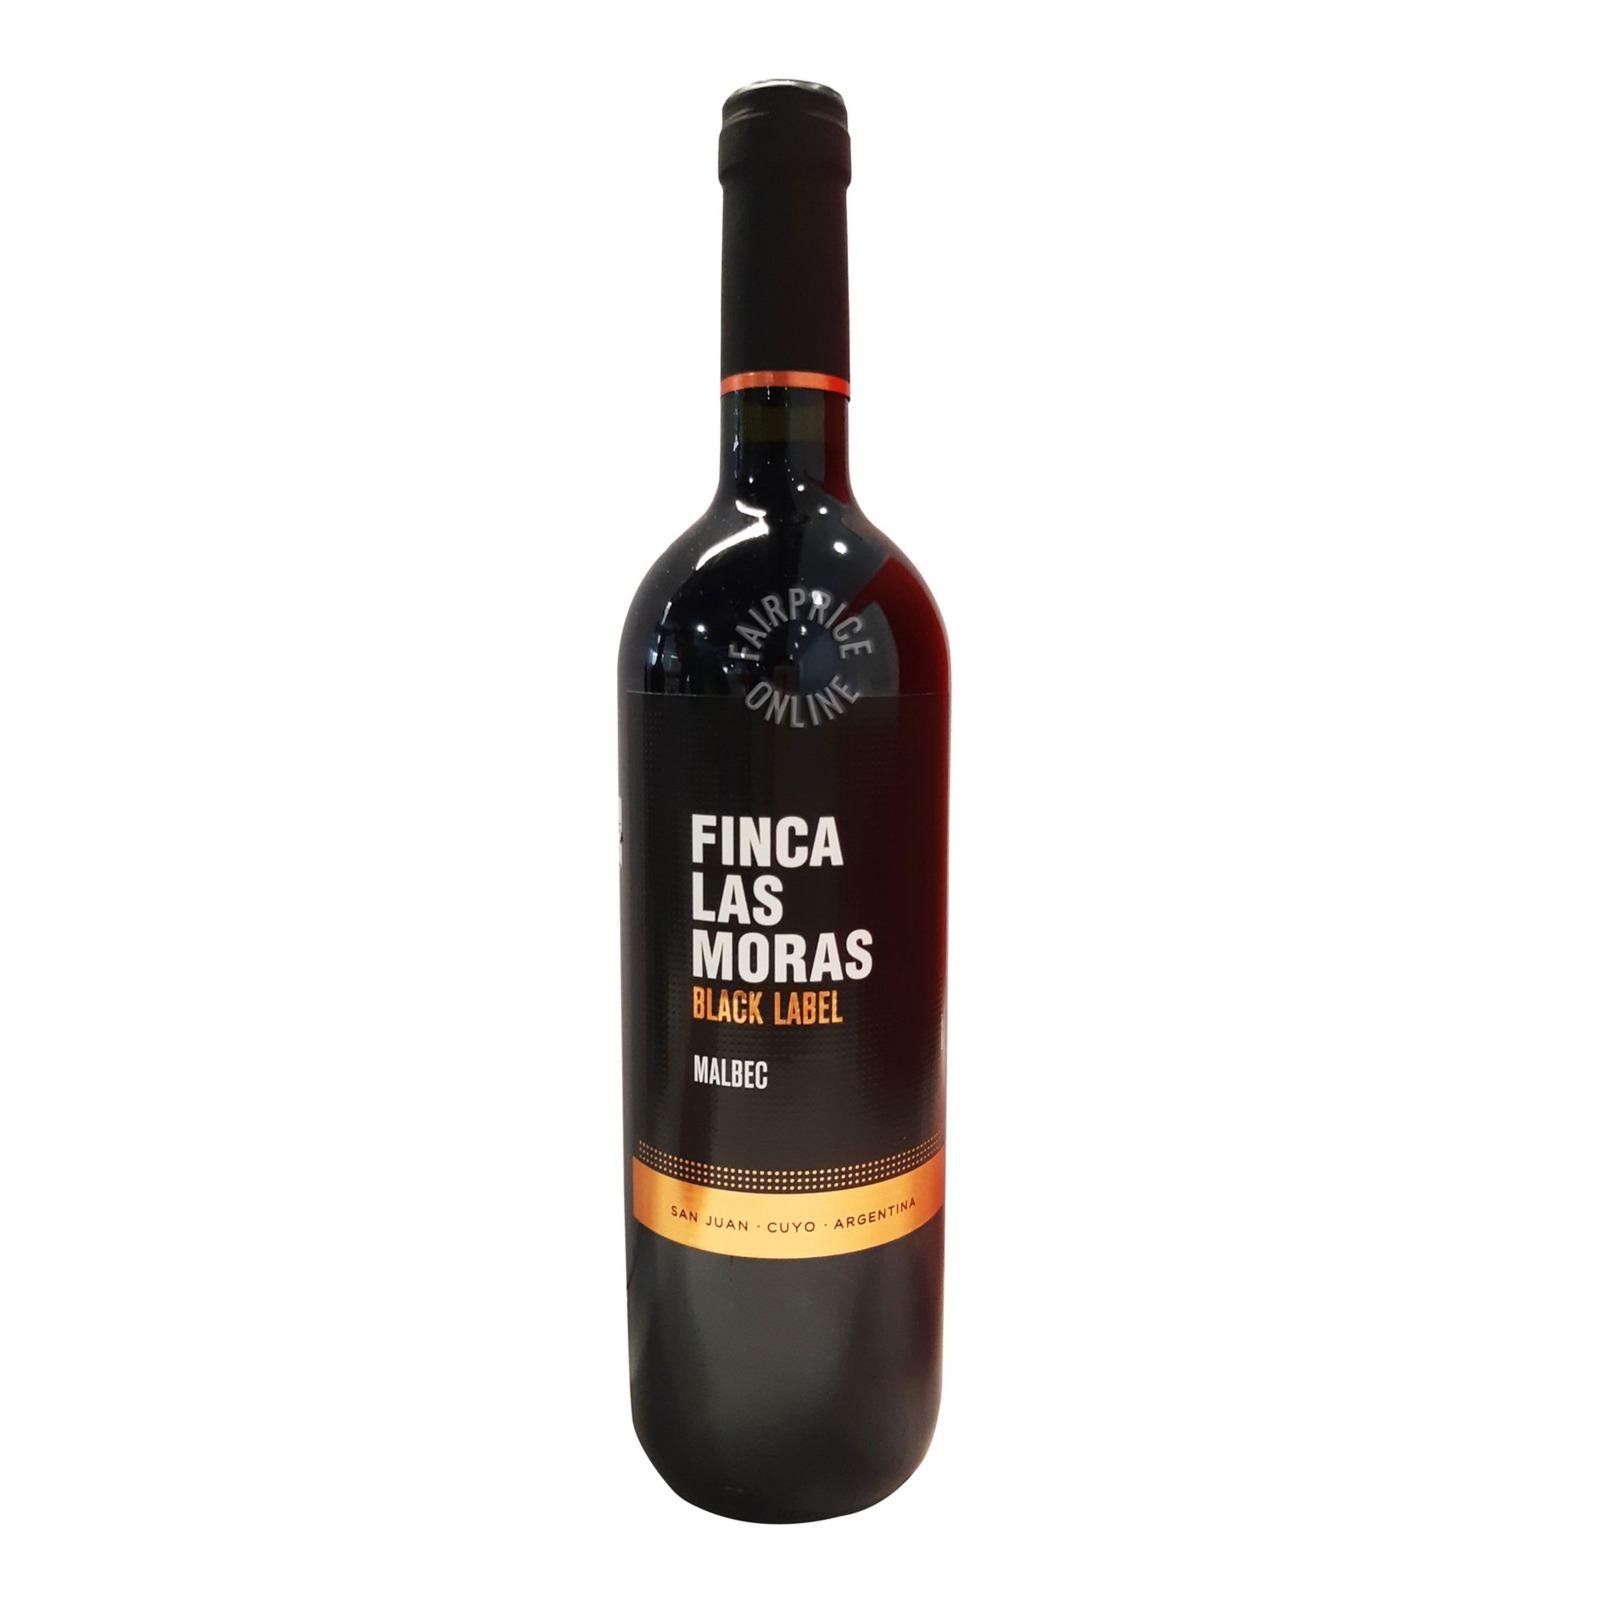 Finca Las Moras Black Label Red Wine - Malbec